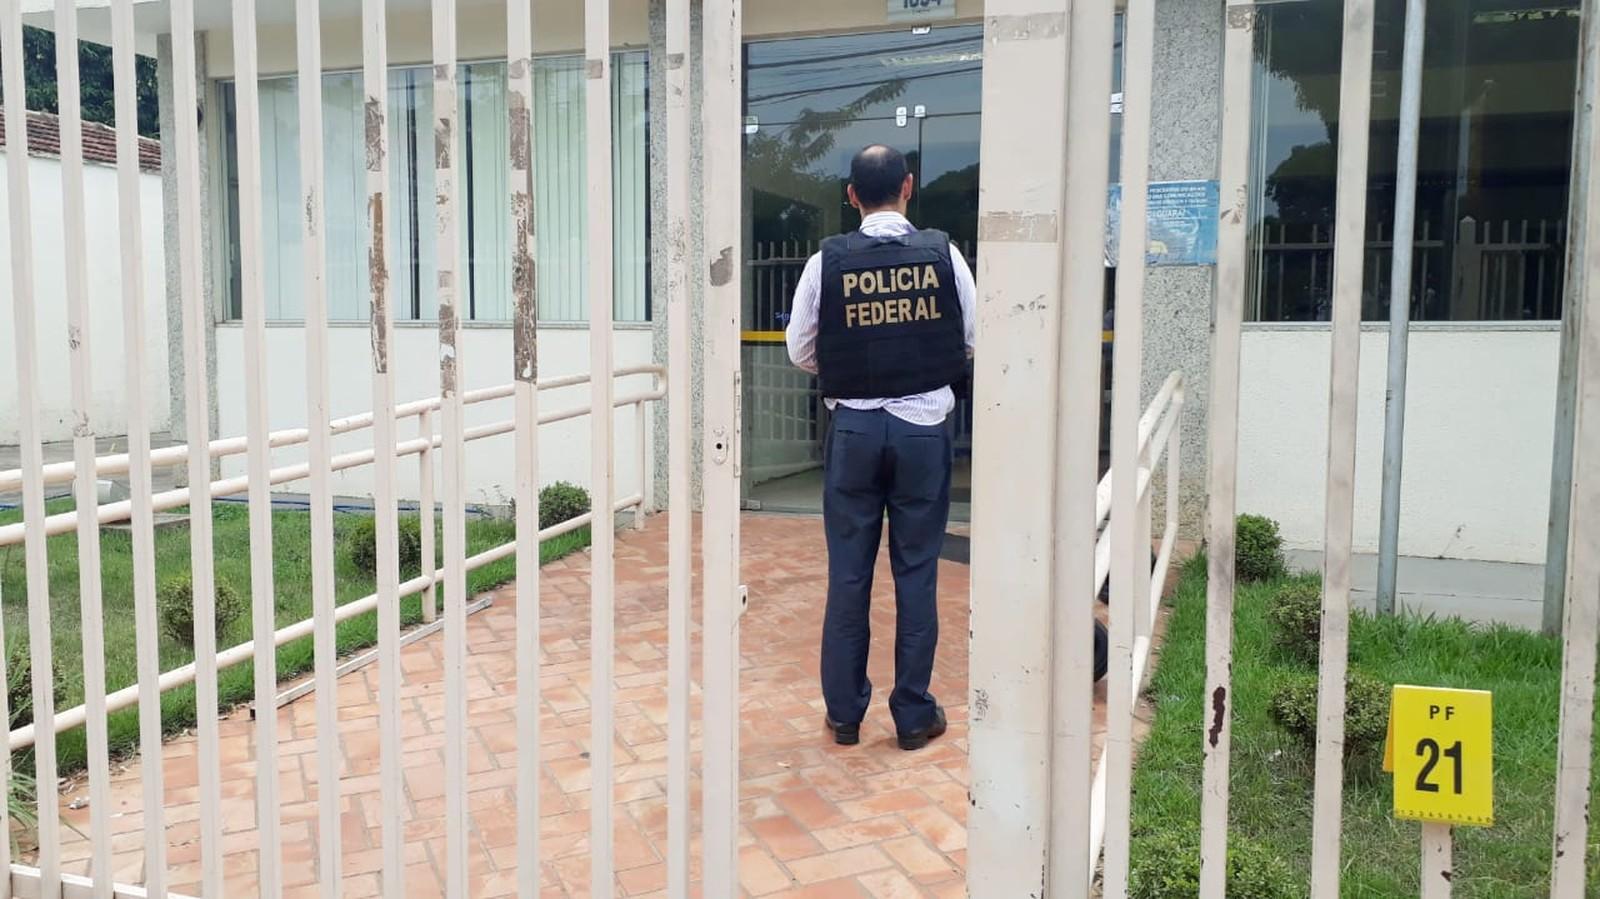 Quase 30 agências dos Correios foram assaltadas esse ano no TO, diz sindicato